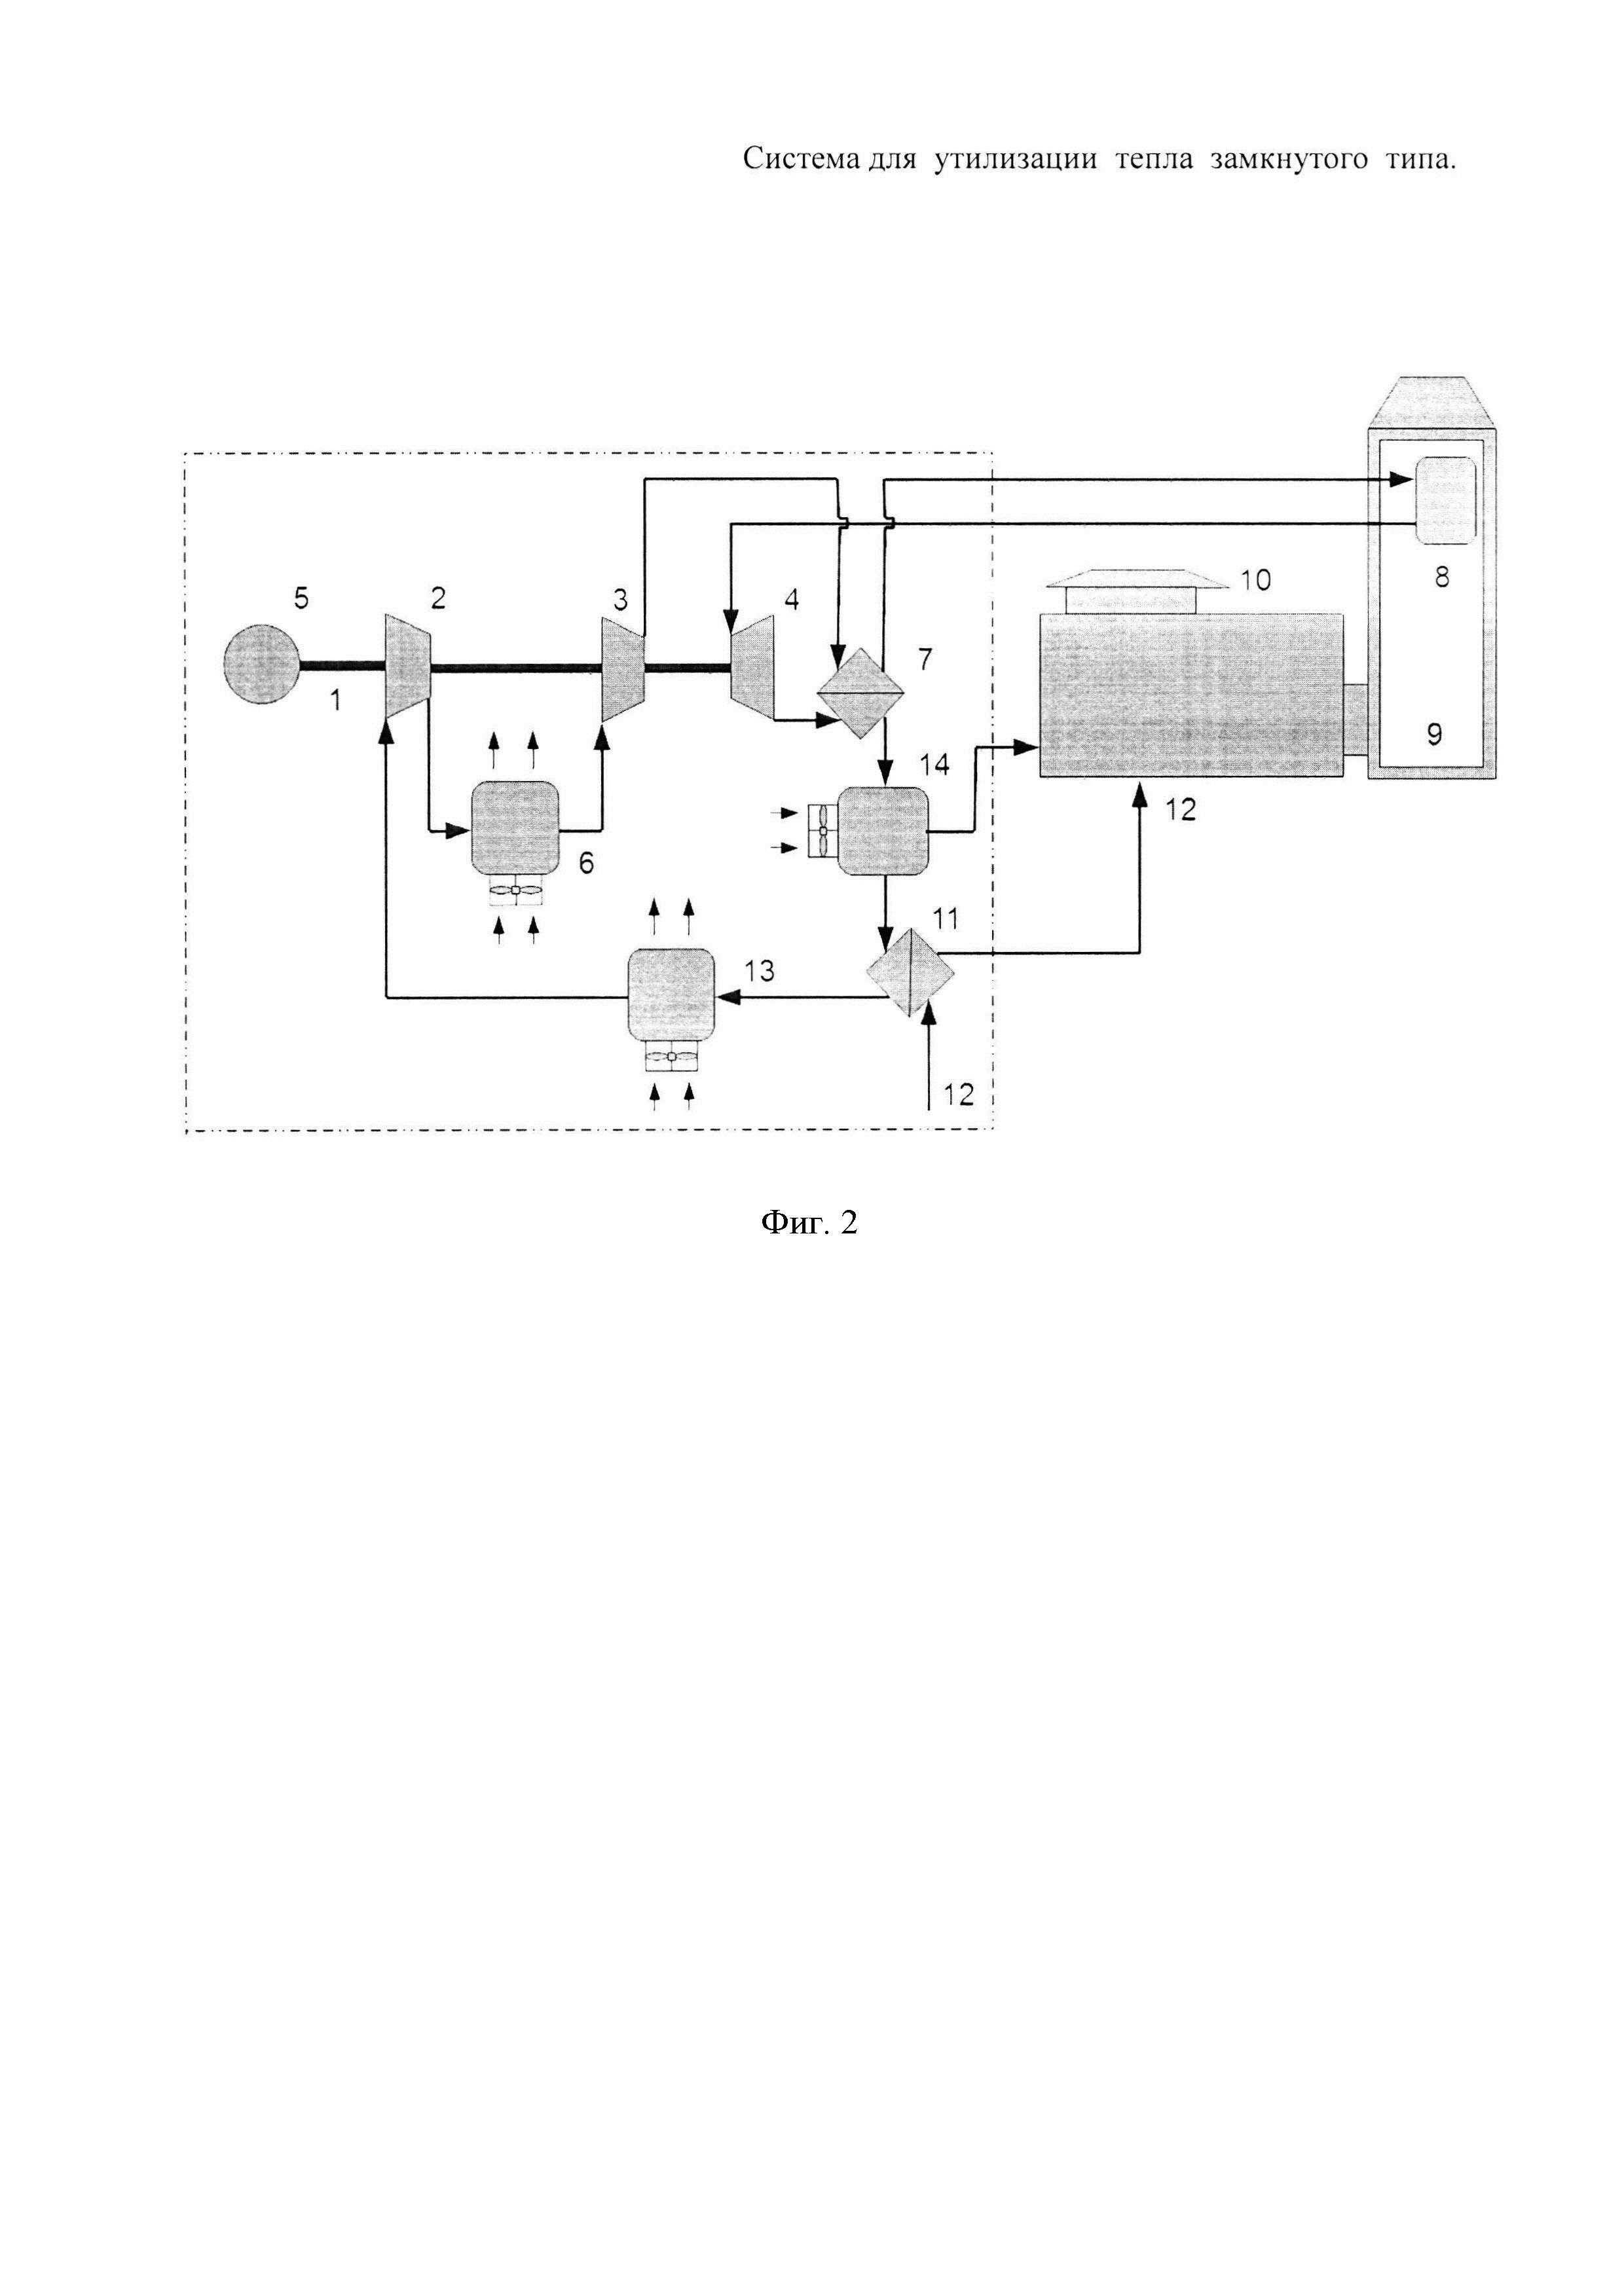 Система для утилизации тепла замкнутого типа (варианты)